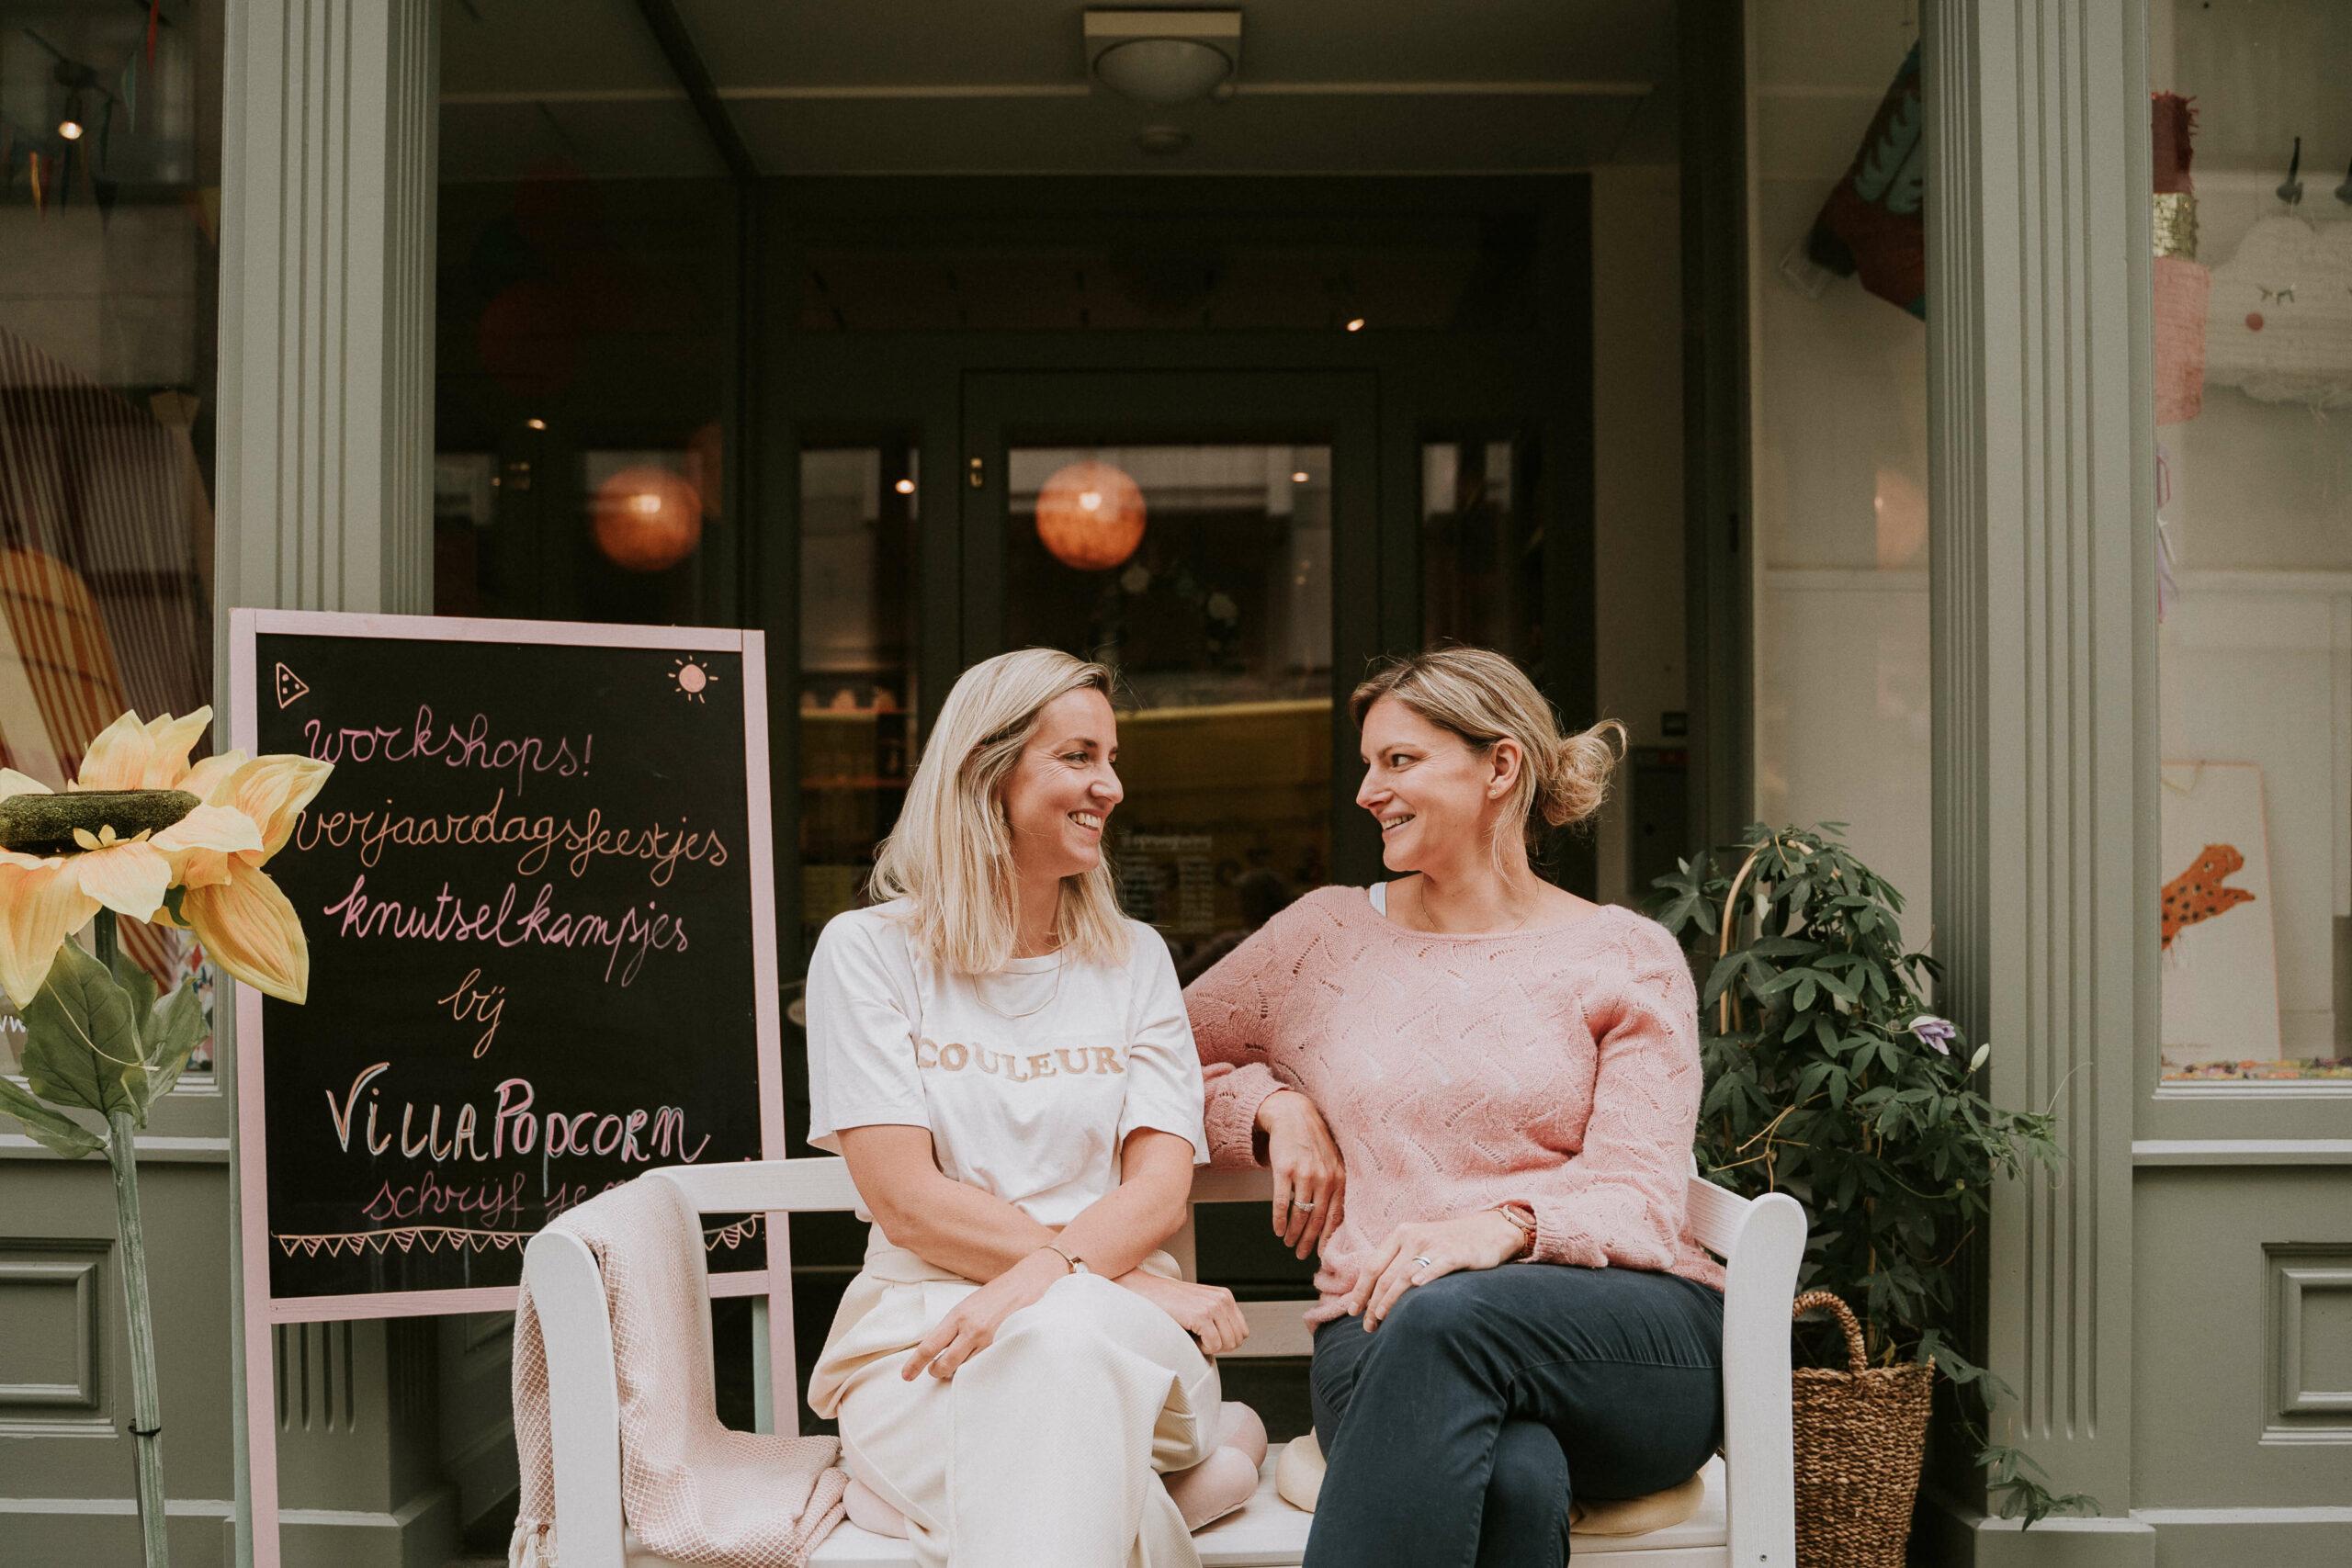 Britt-&-Caroline-de-villa-popcorn-dames-aan-de-winkel